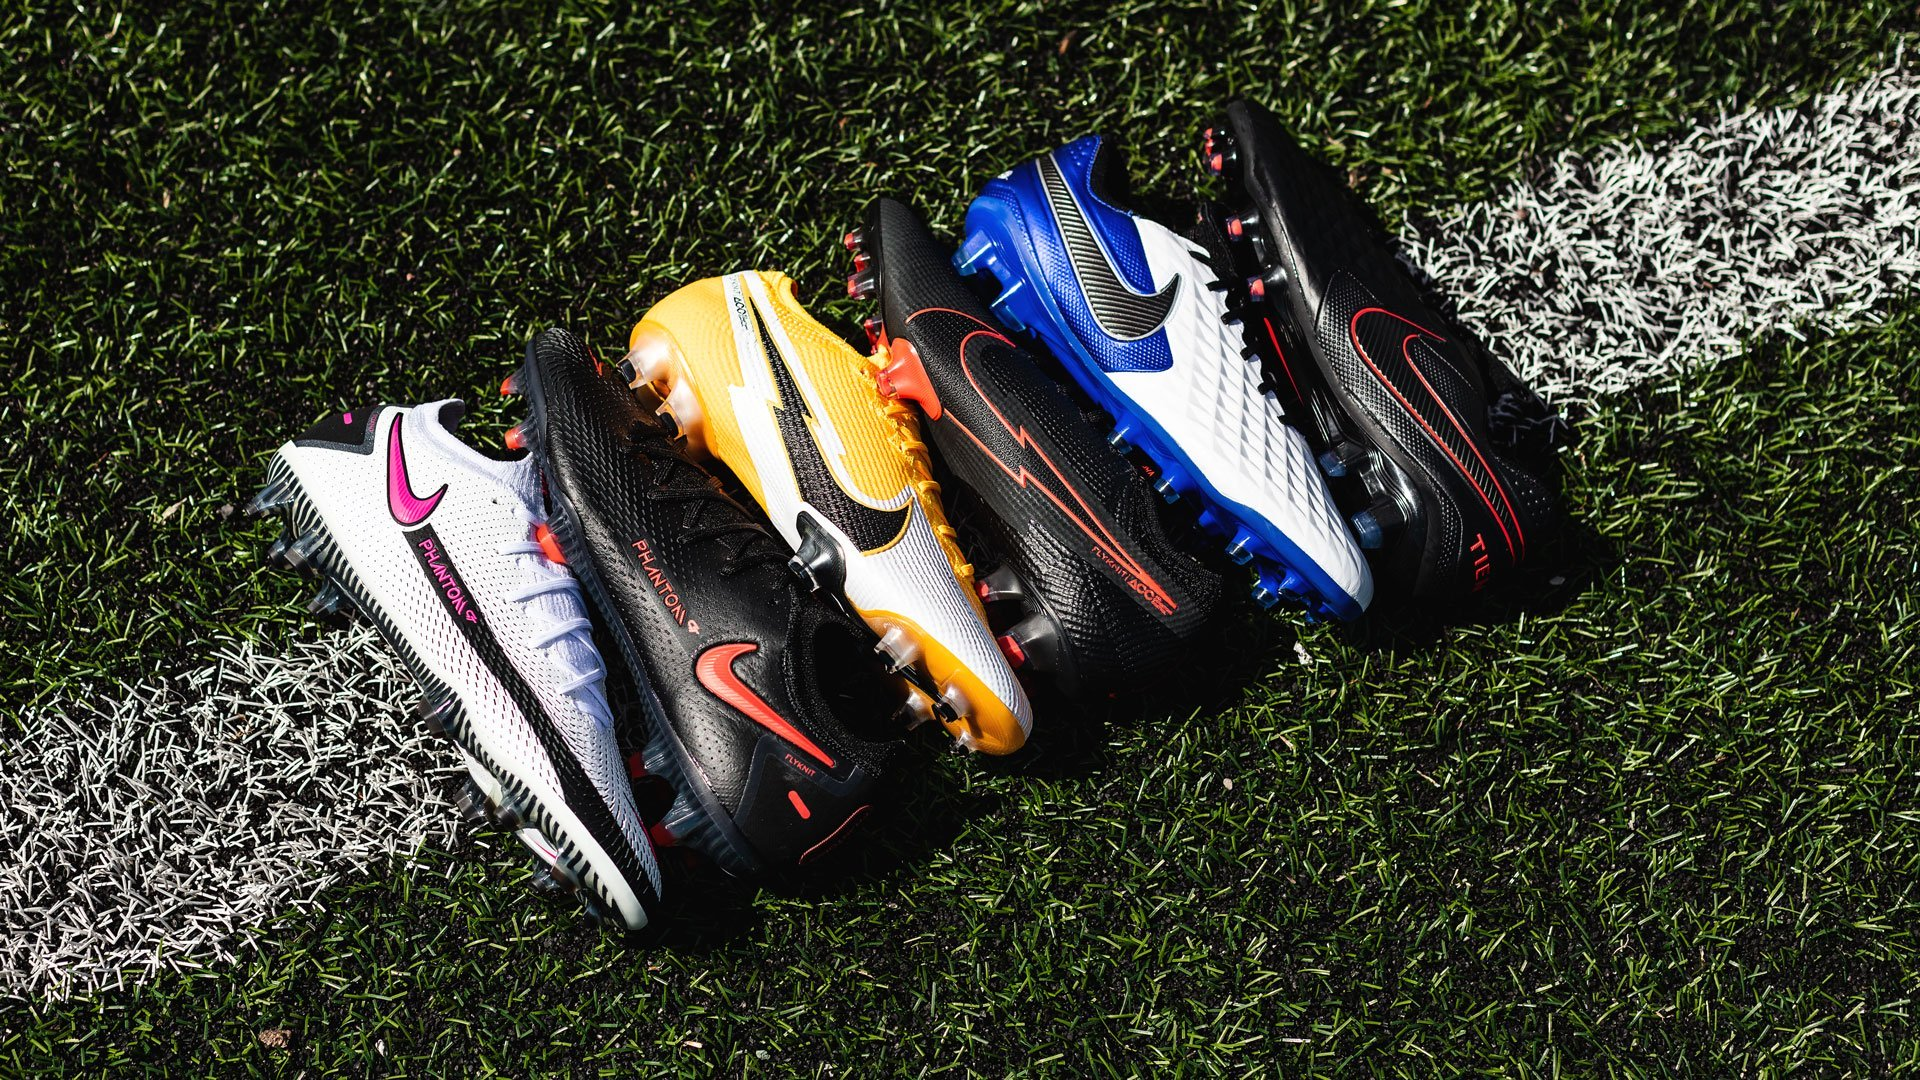 giày đá banh cỏ nhân tạo mới nhất của Nike